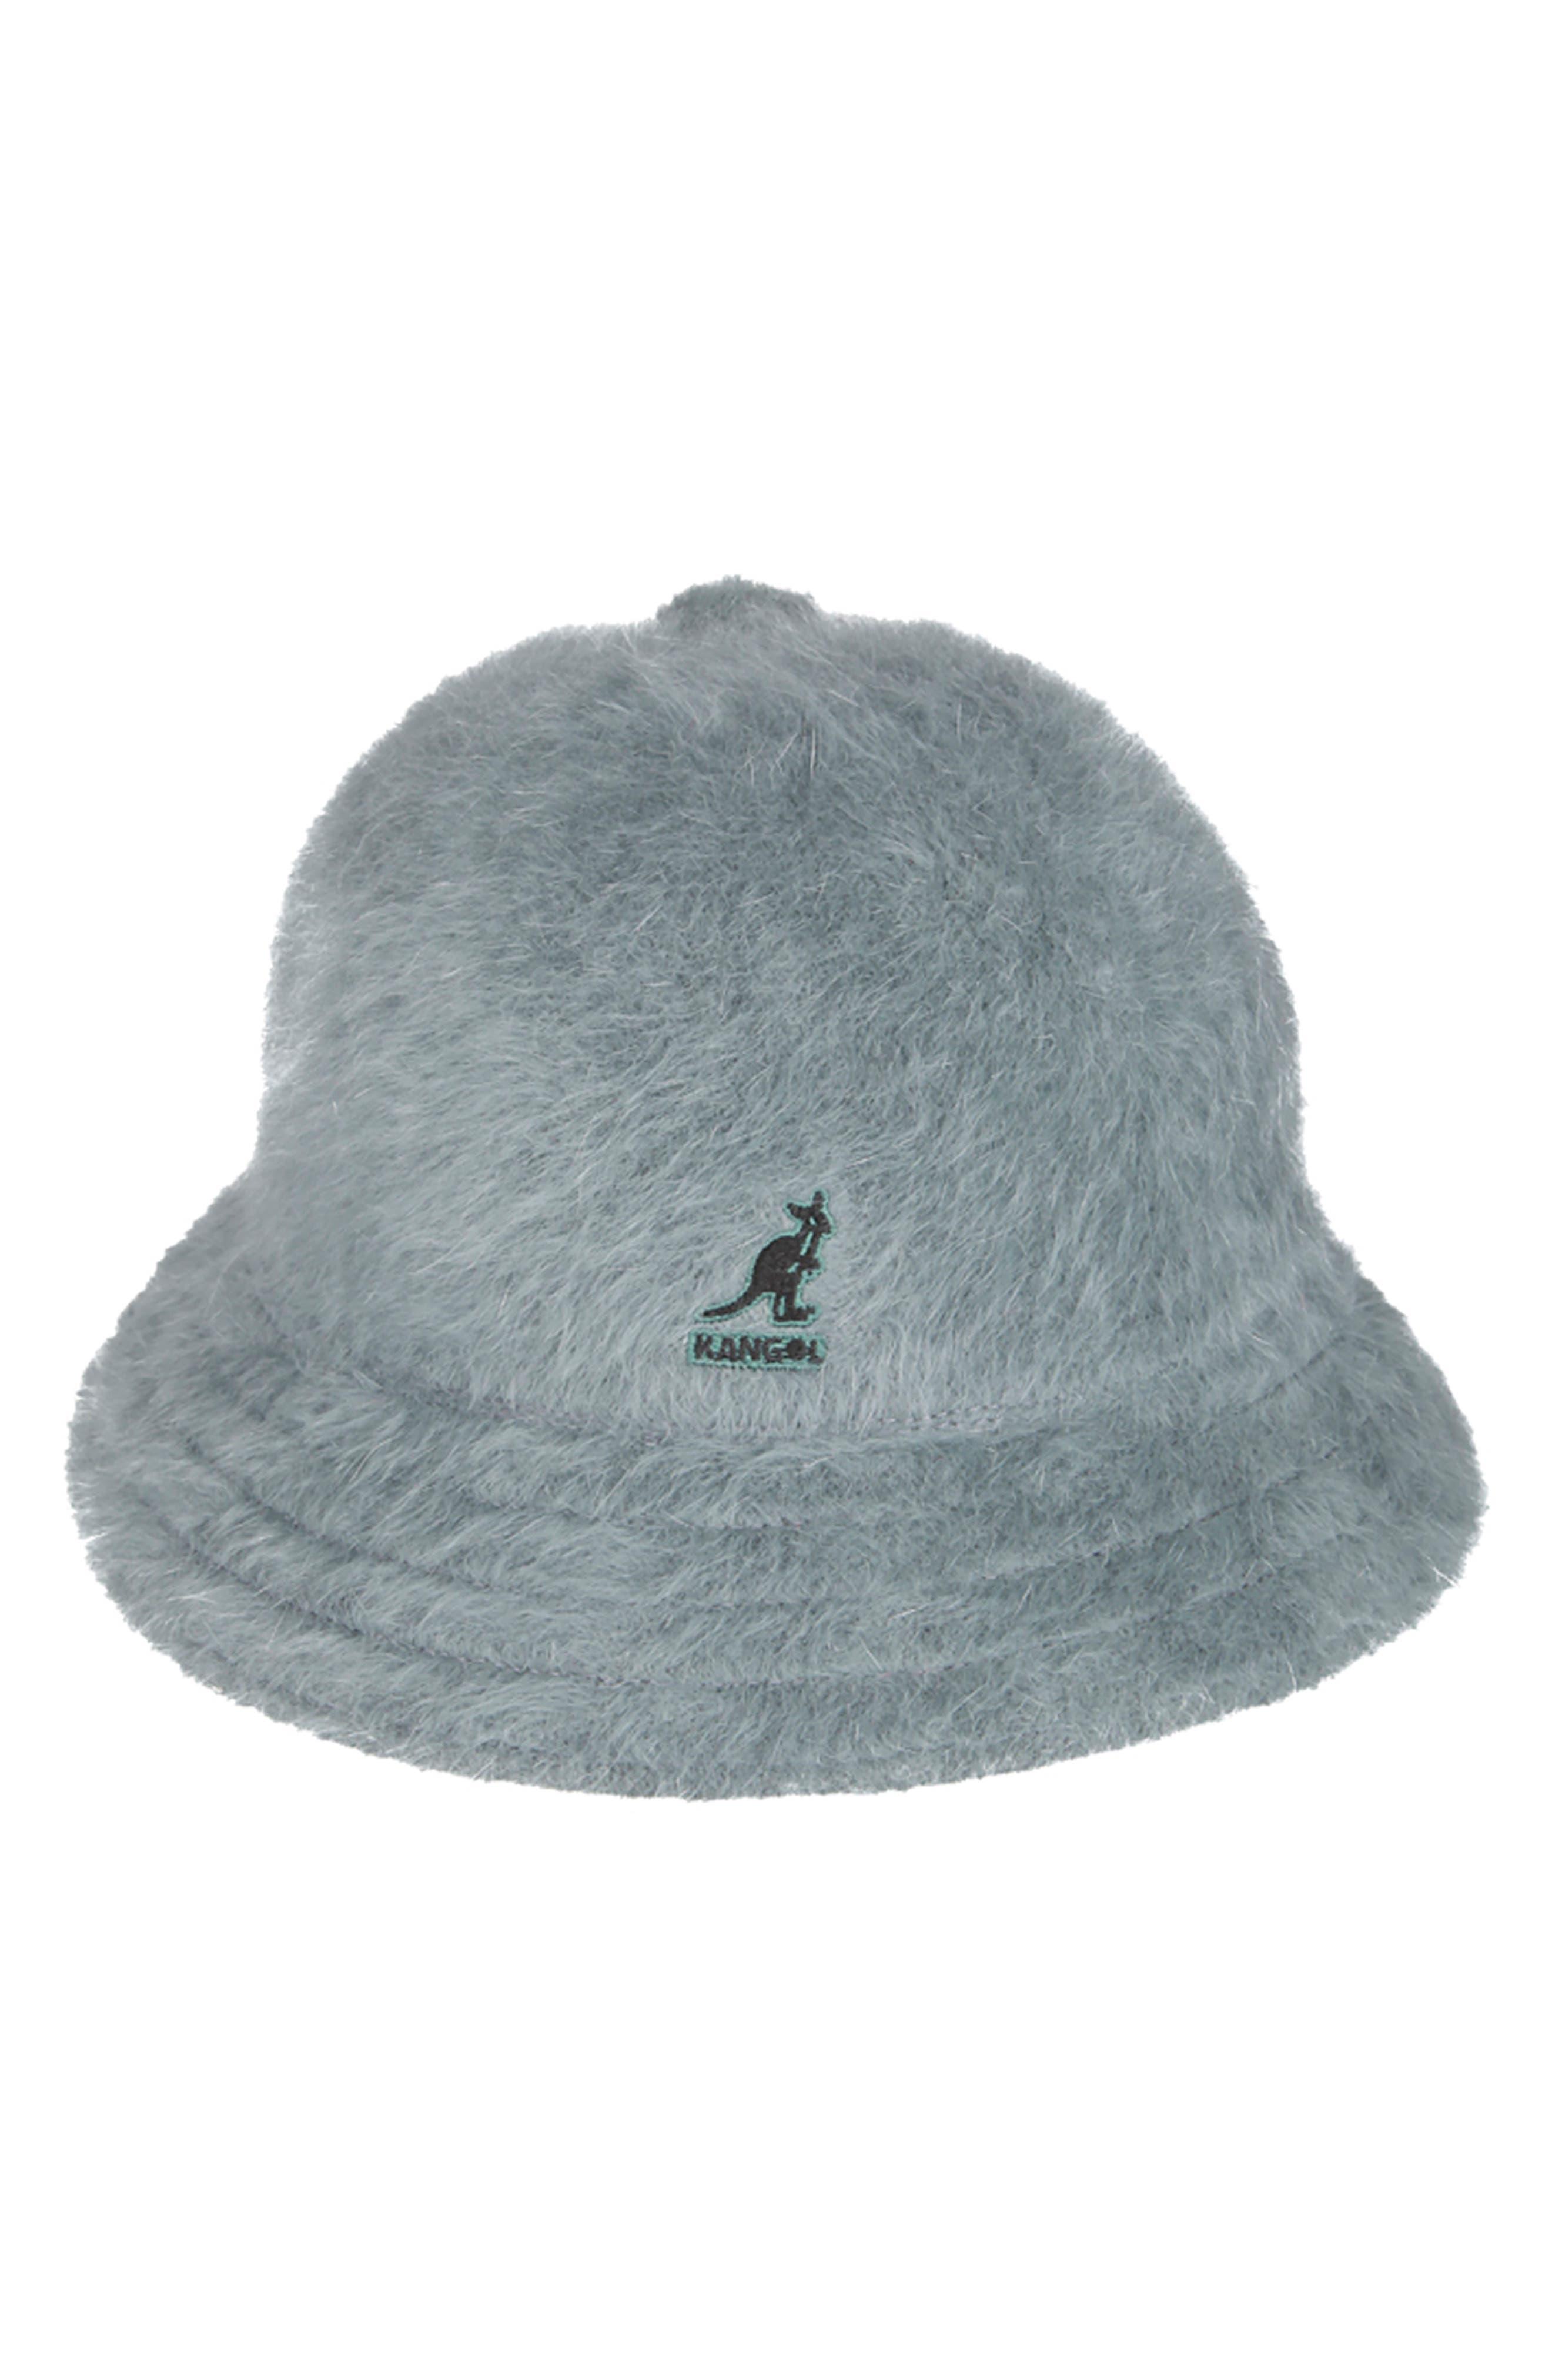 Furgora Casual Bucket Hat,                         Main,                         color, SLATE GREY